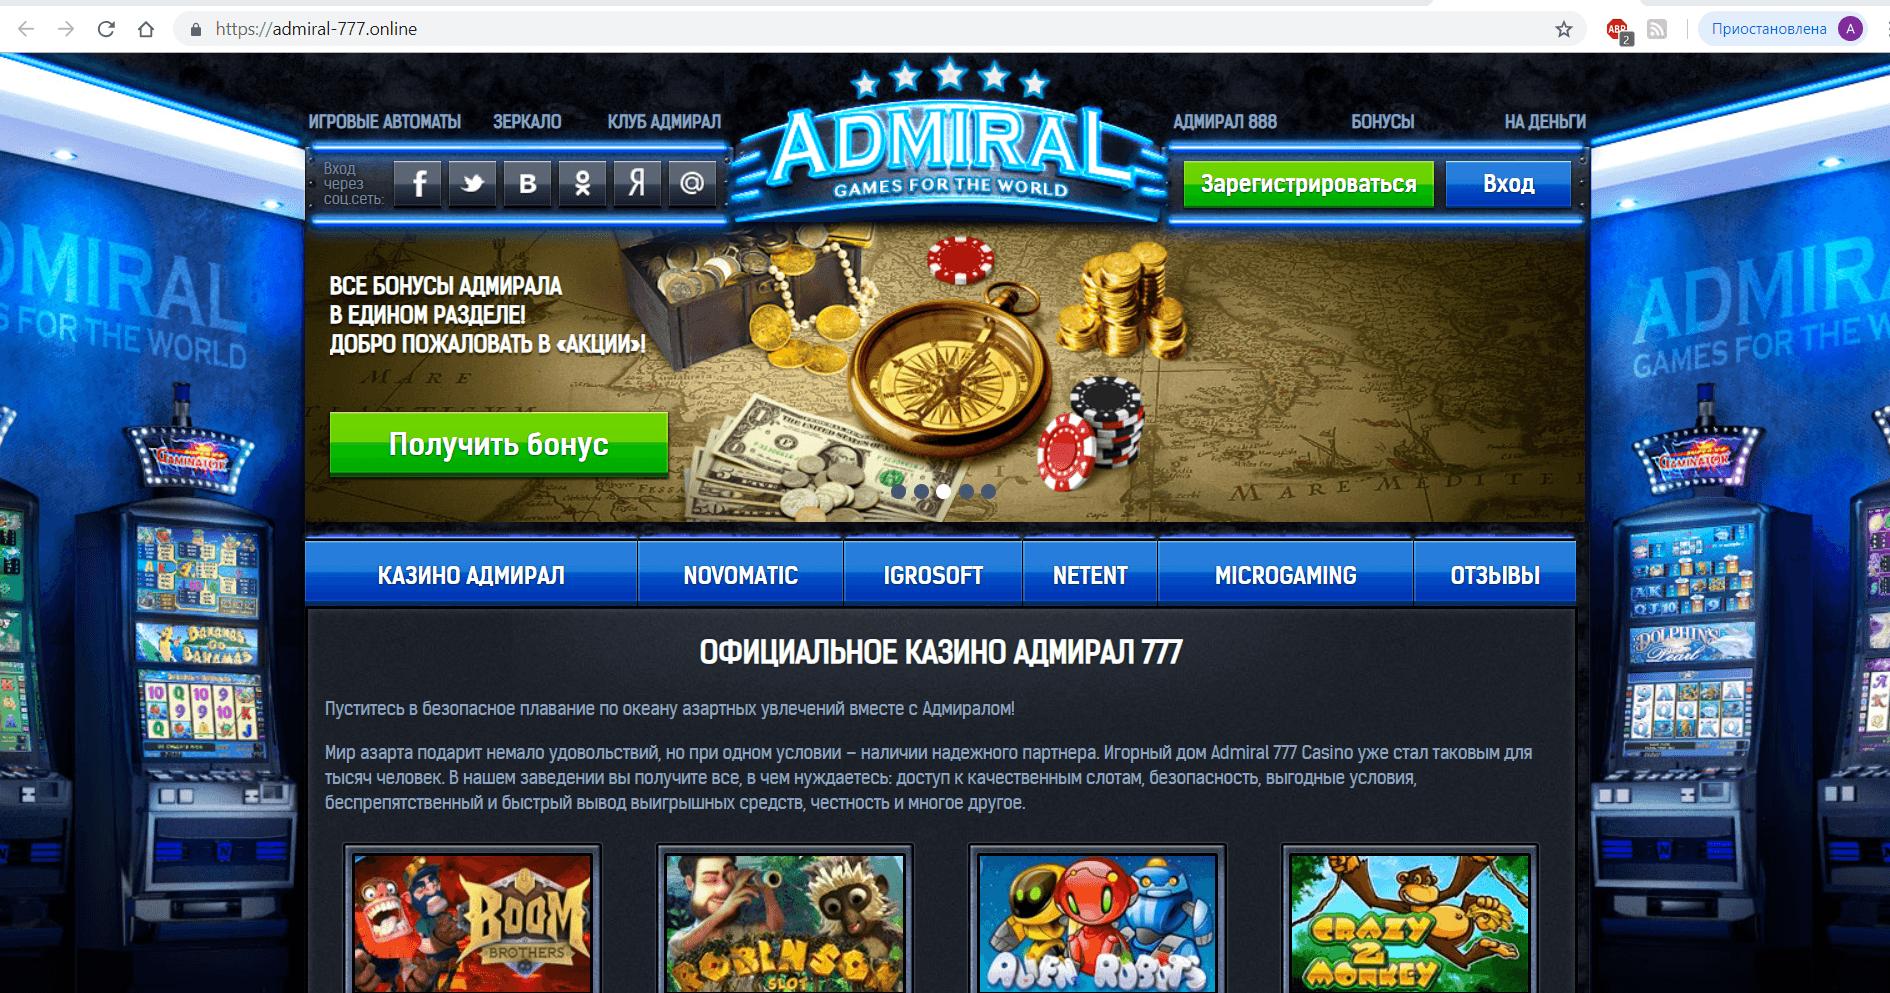 Goldfishka играть в игровые автоматы на деньги играть в блэкджек на деньги в казино